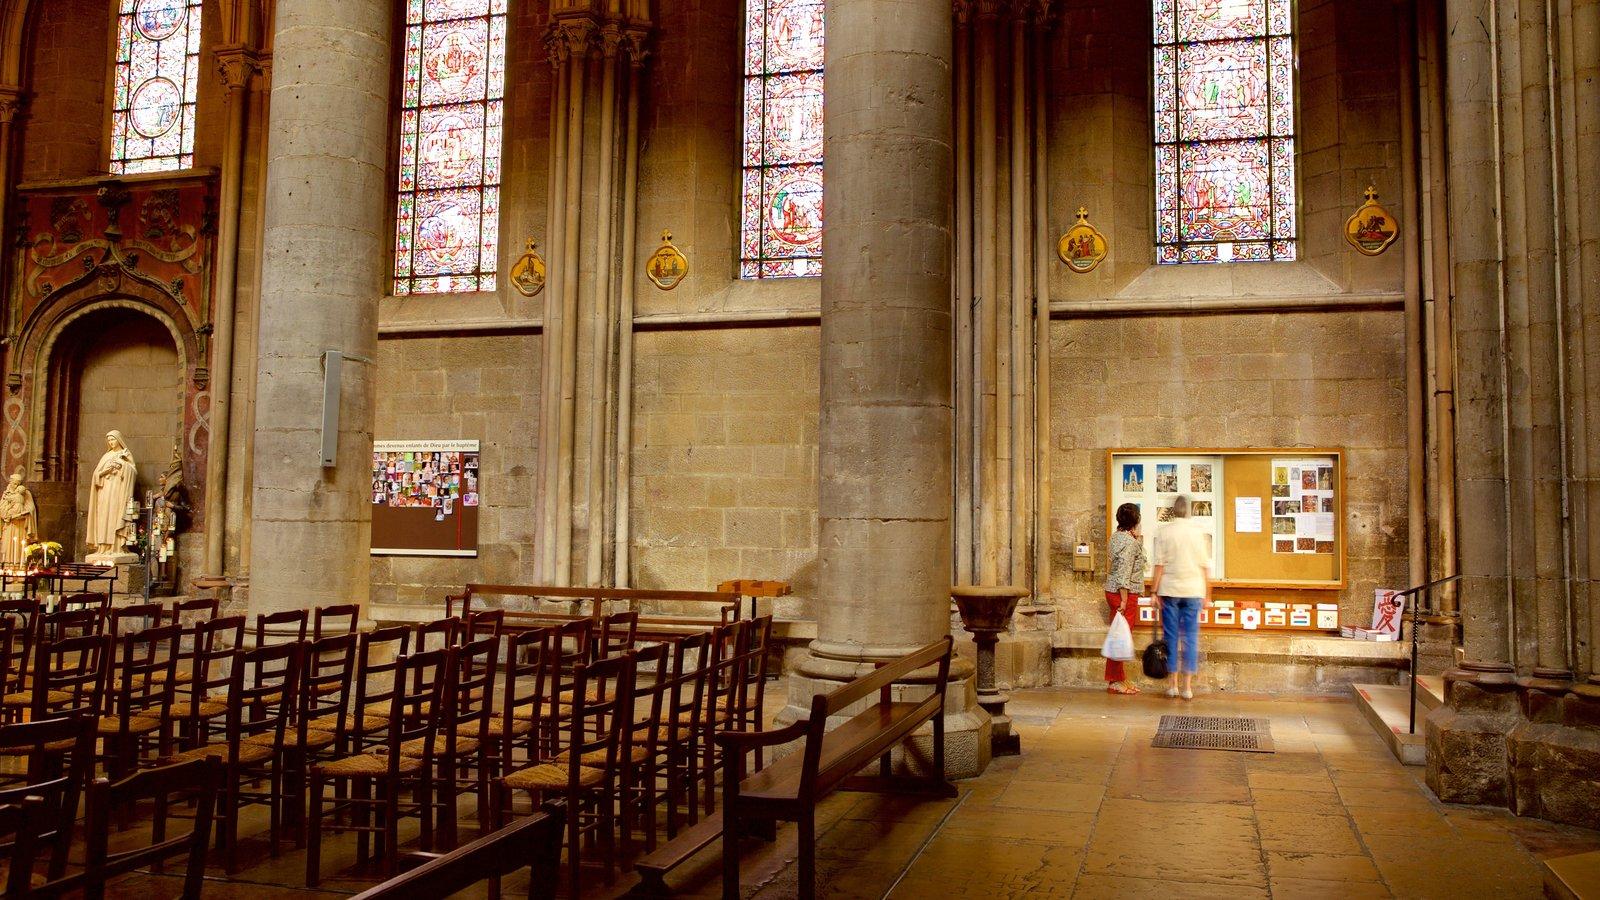 Igreja de Notre Dame caracterizando vistas internas, uma igreja ou catedral e elementos de patrimônio